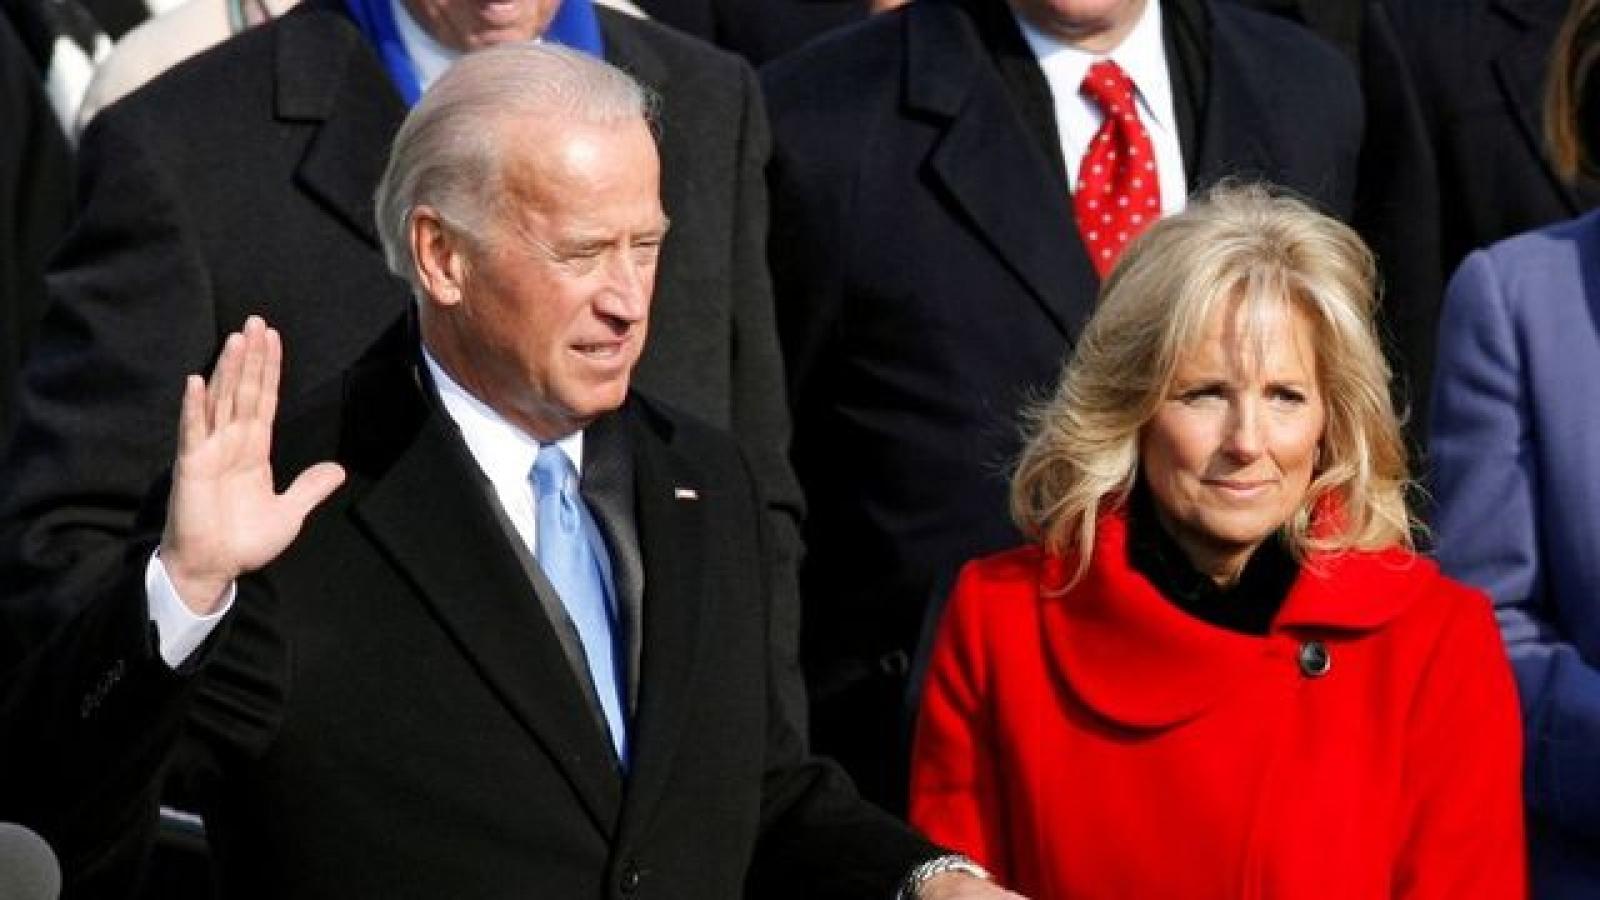 Joe Biden muốn giảm quy mô lễ nhậm chức để tránh nguy cơ lây lan Covid-19